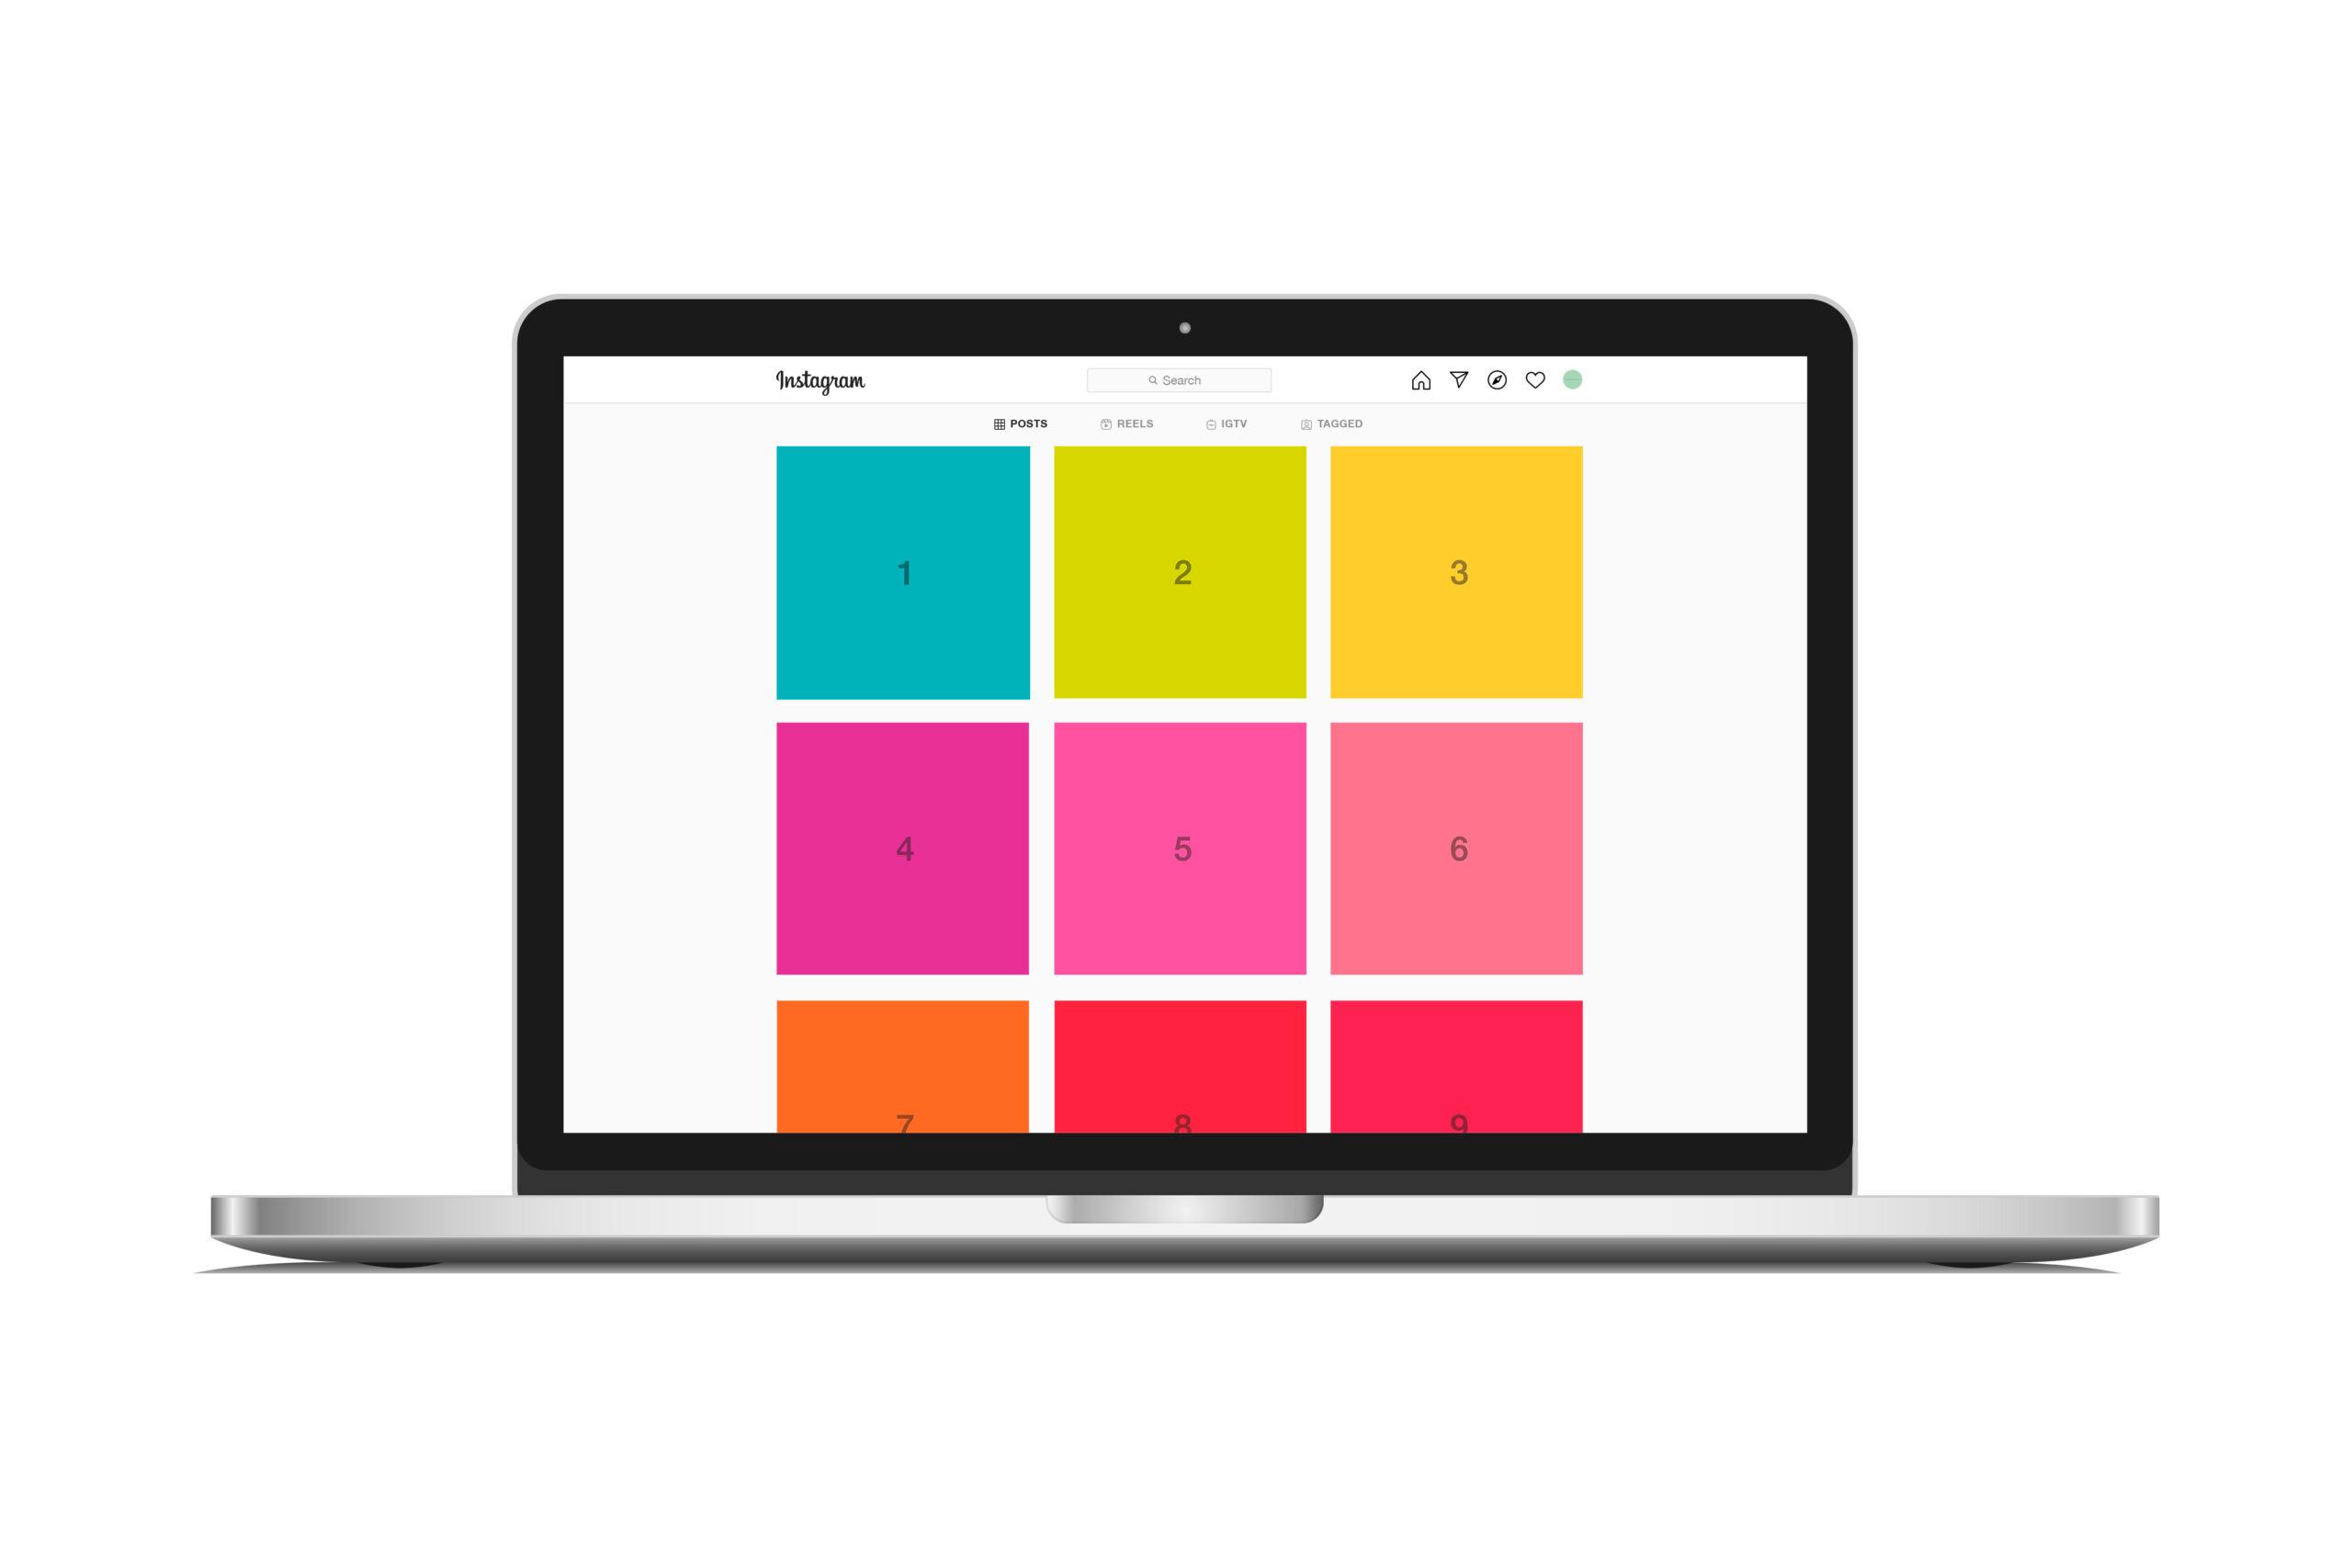 Free Instagram Mockup on MacBook laptop